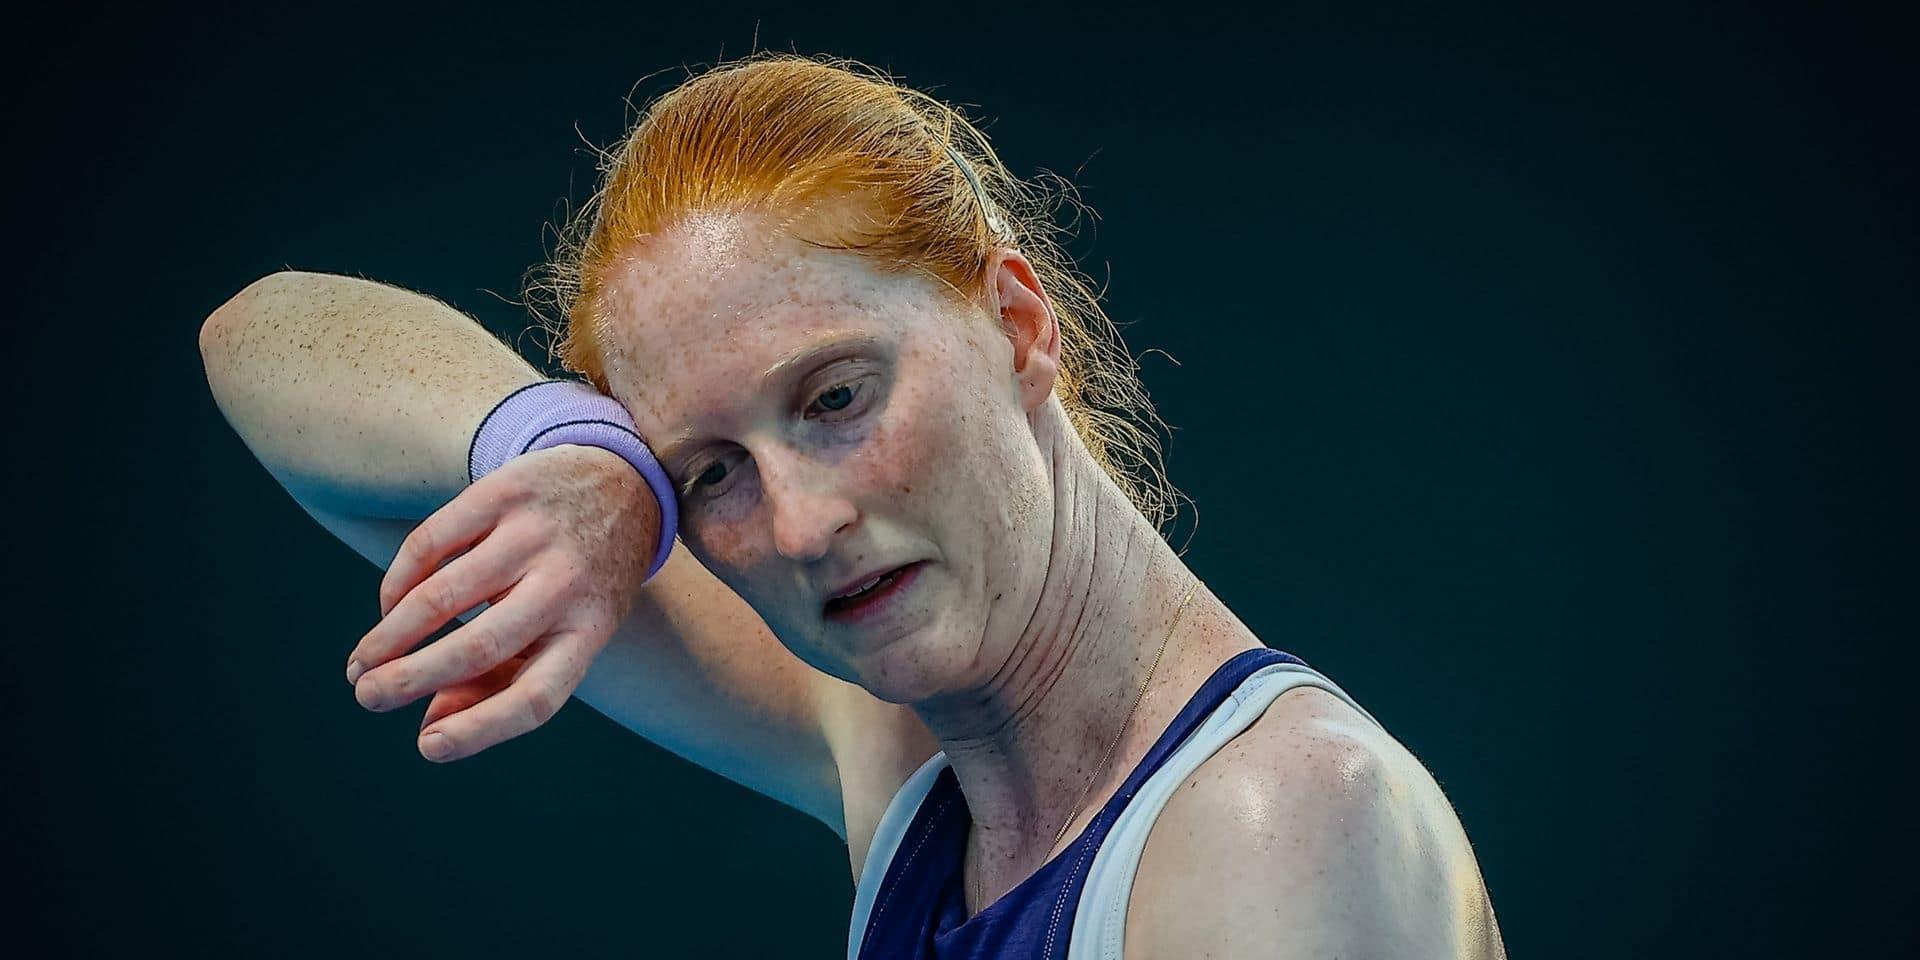 Alison Van Uytvanck éliminée au premier tour des qualifications de Madrid, tout comme Minnen à Zagreb